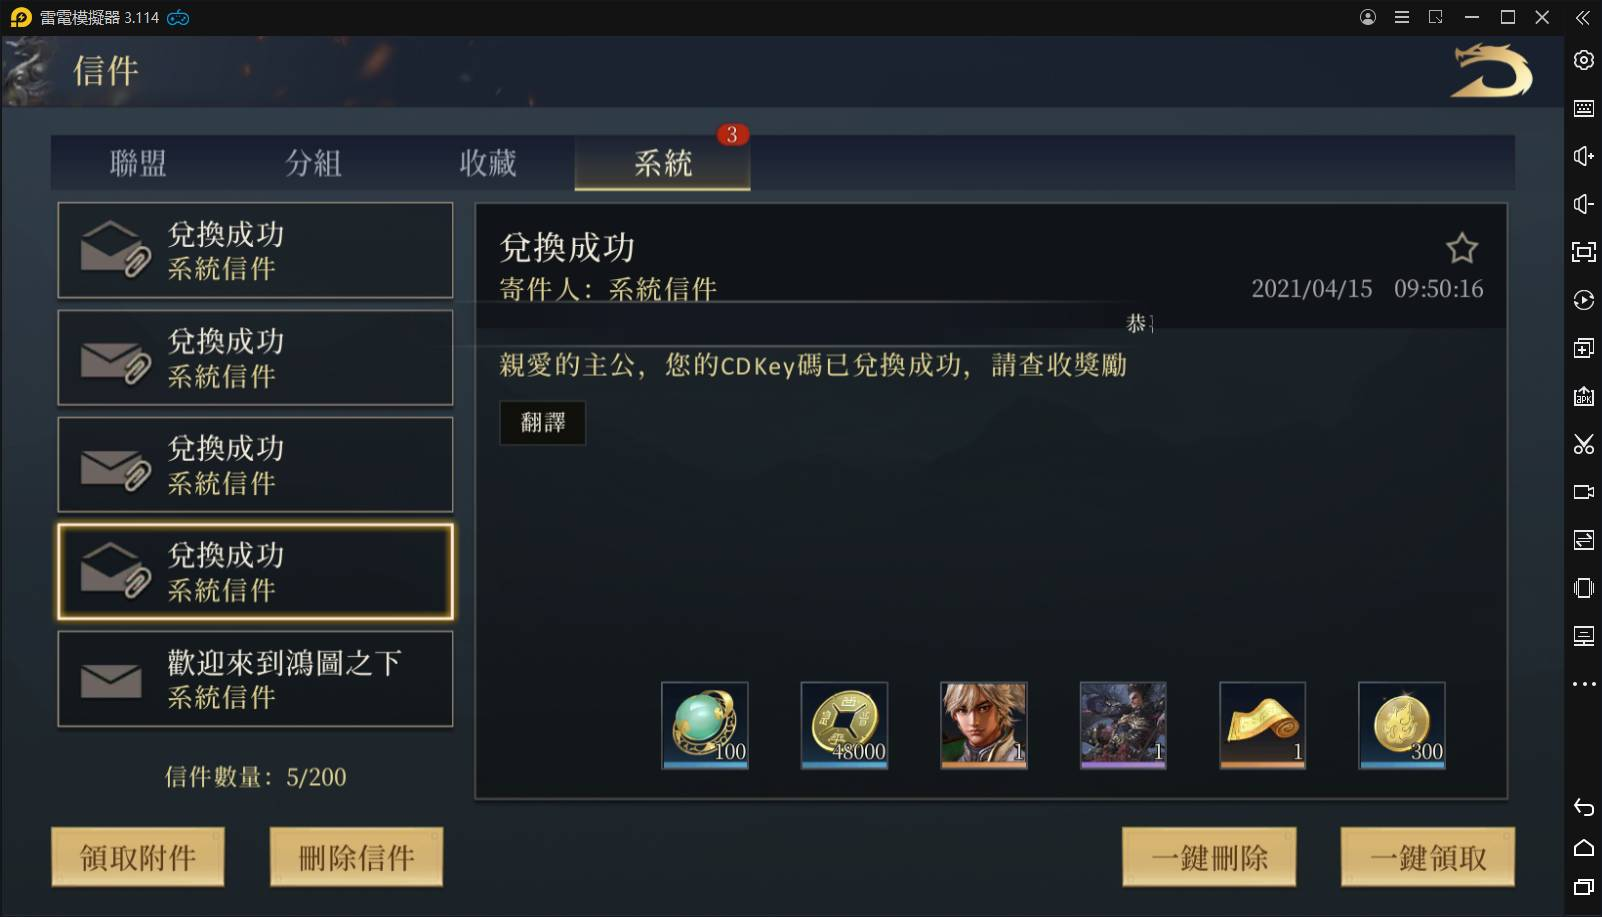 【攻略】《鴻圖之下》虛寶兌換位置和遊戲序號分享